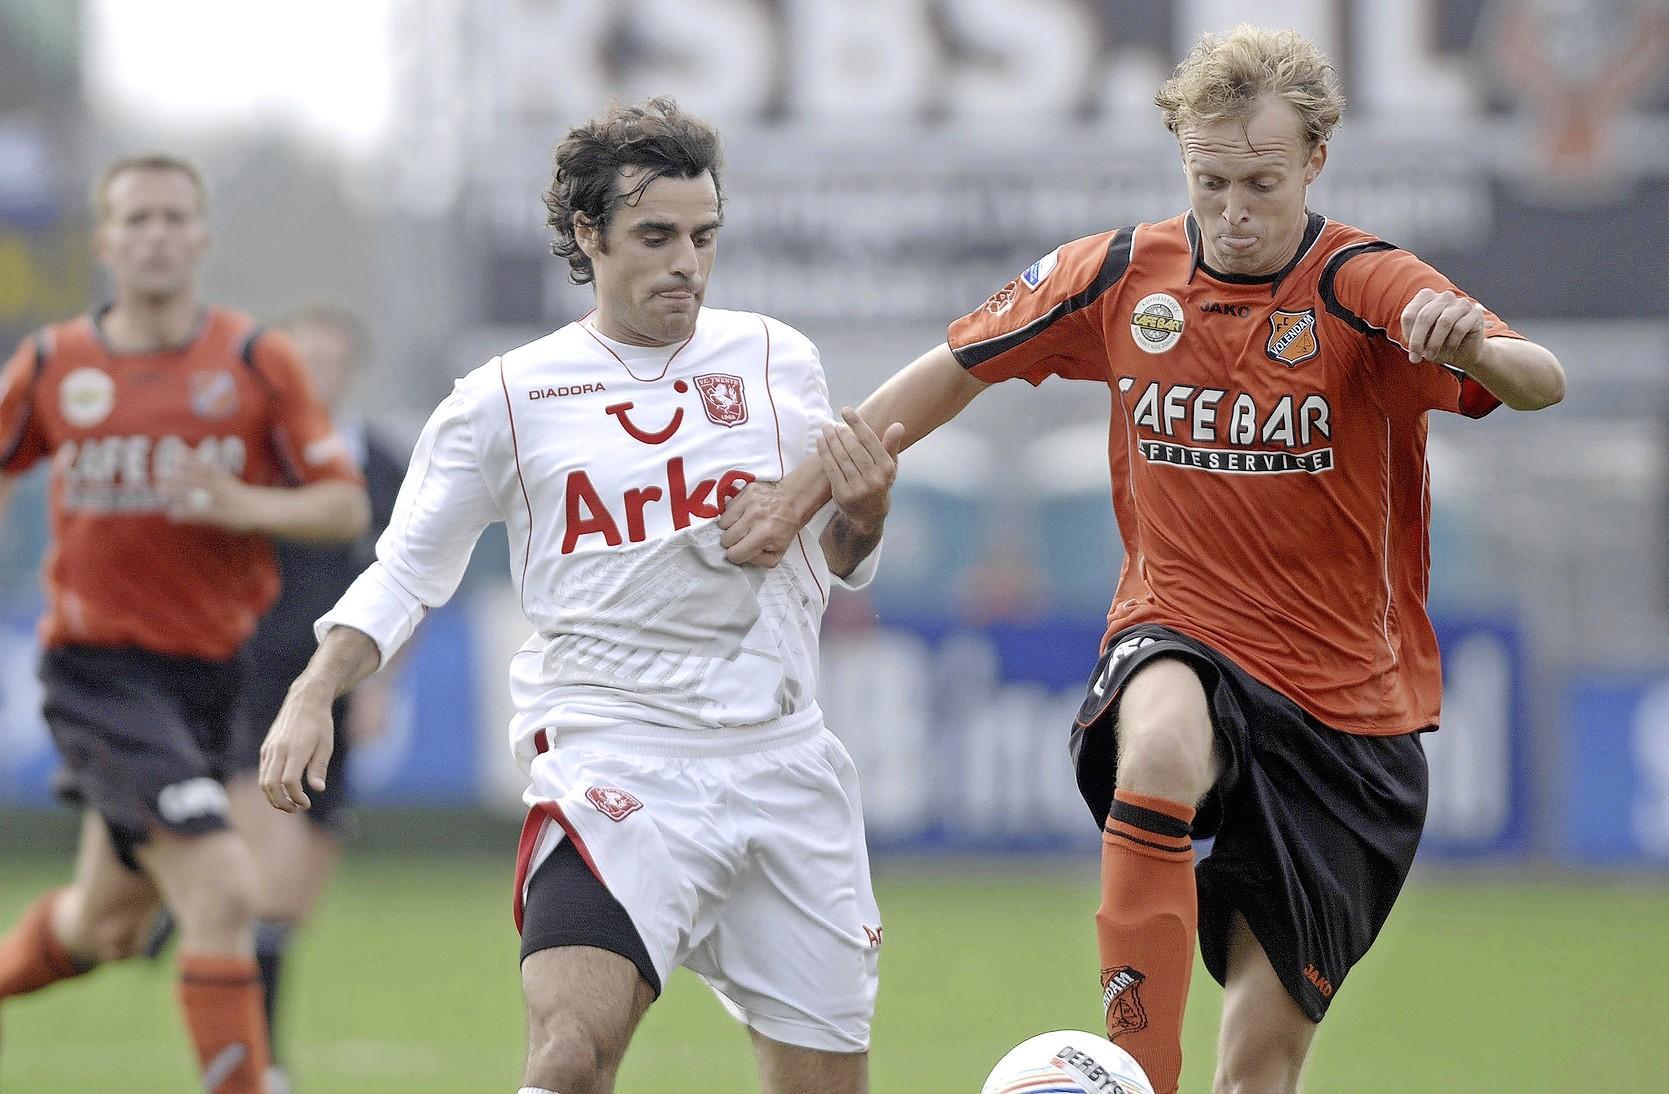 Trouwe 'soldaat' met uitschuifbenen; Henny Schilder nummer 50 in Top 50 beste Volendamse voetballers aller tijden